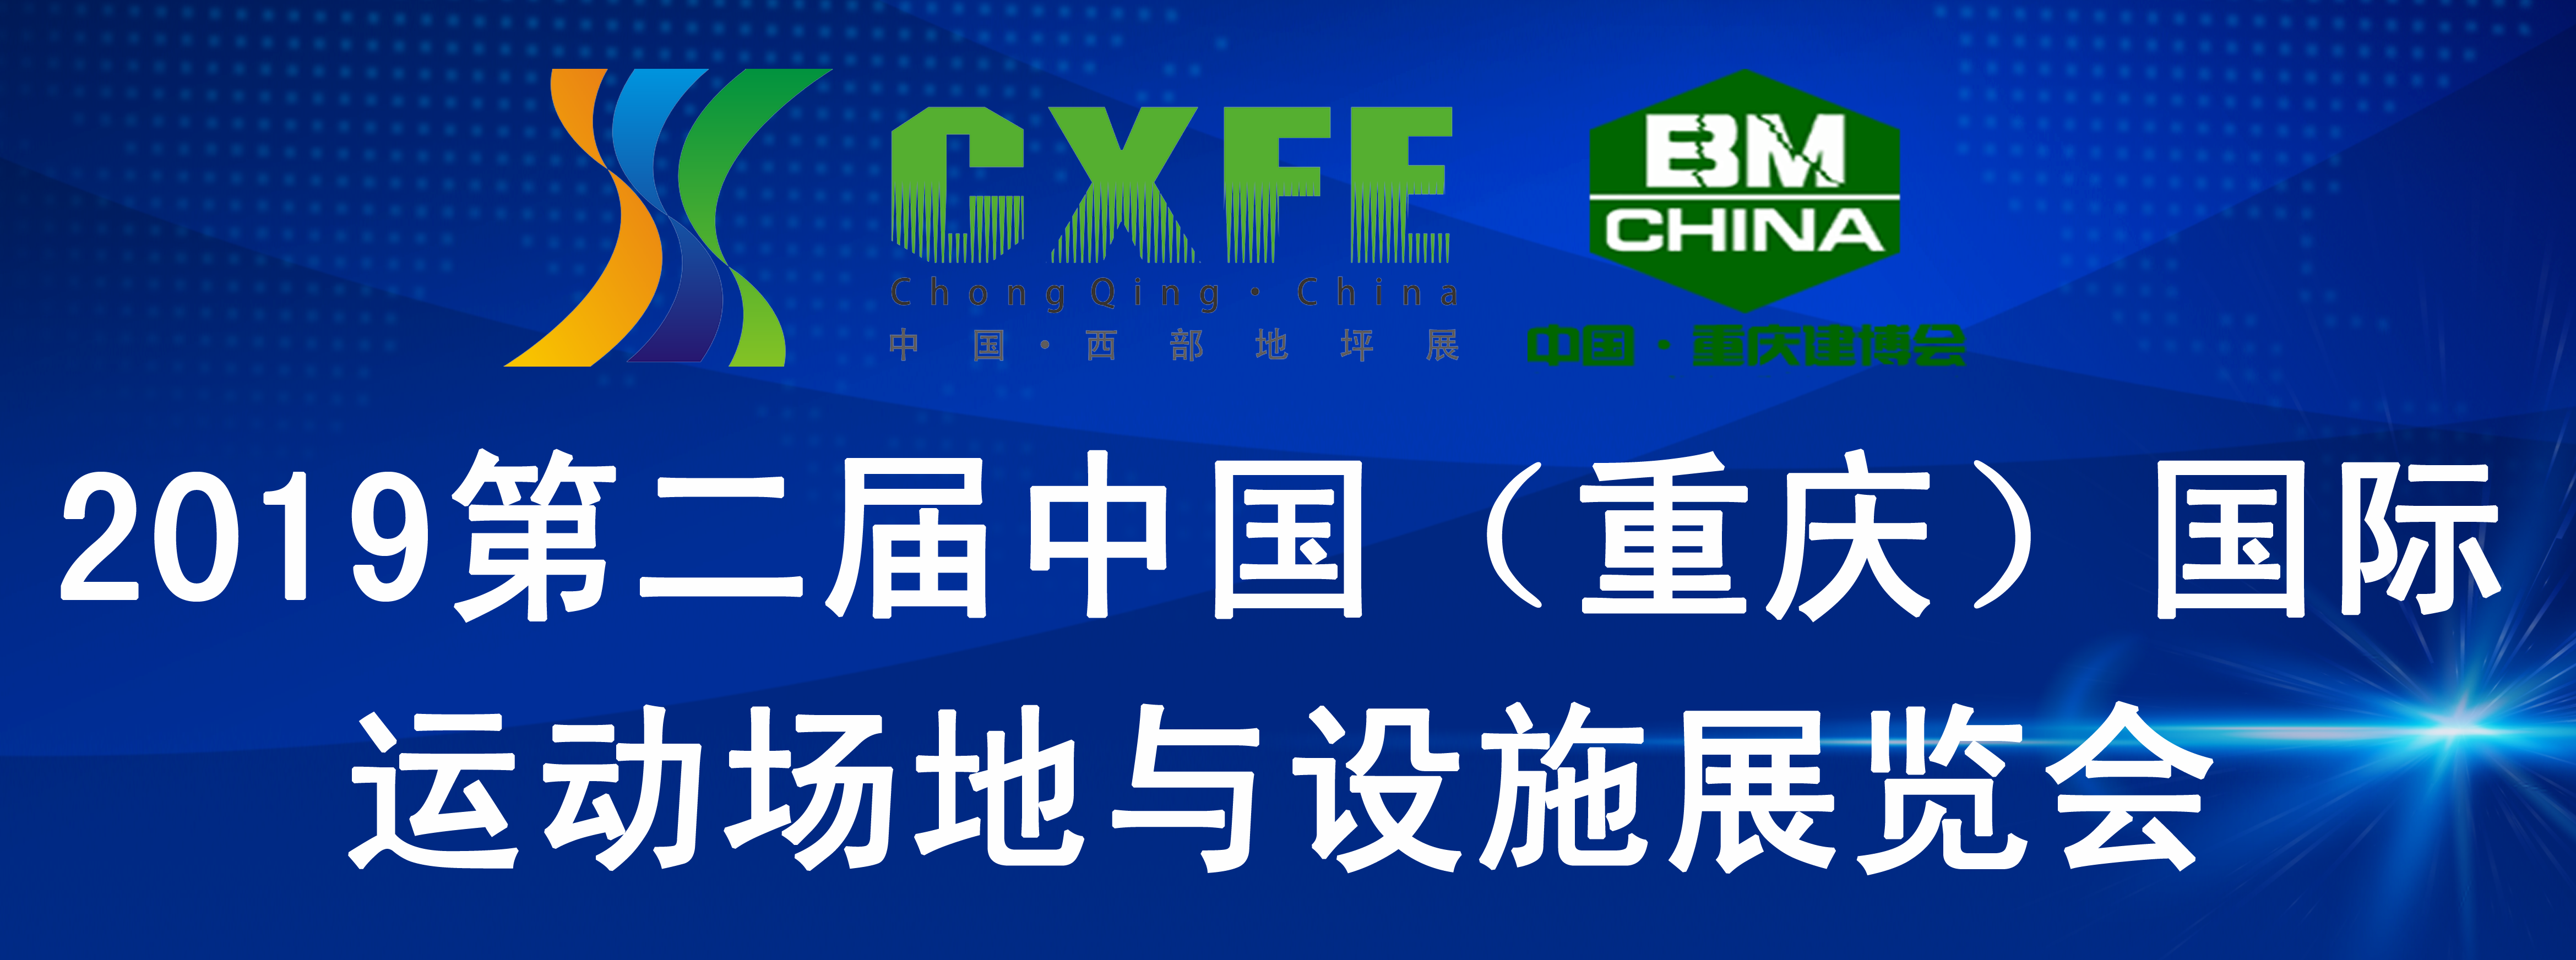 2019第二届中国(重庆)国际运动场地与设施展览会